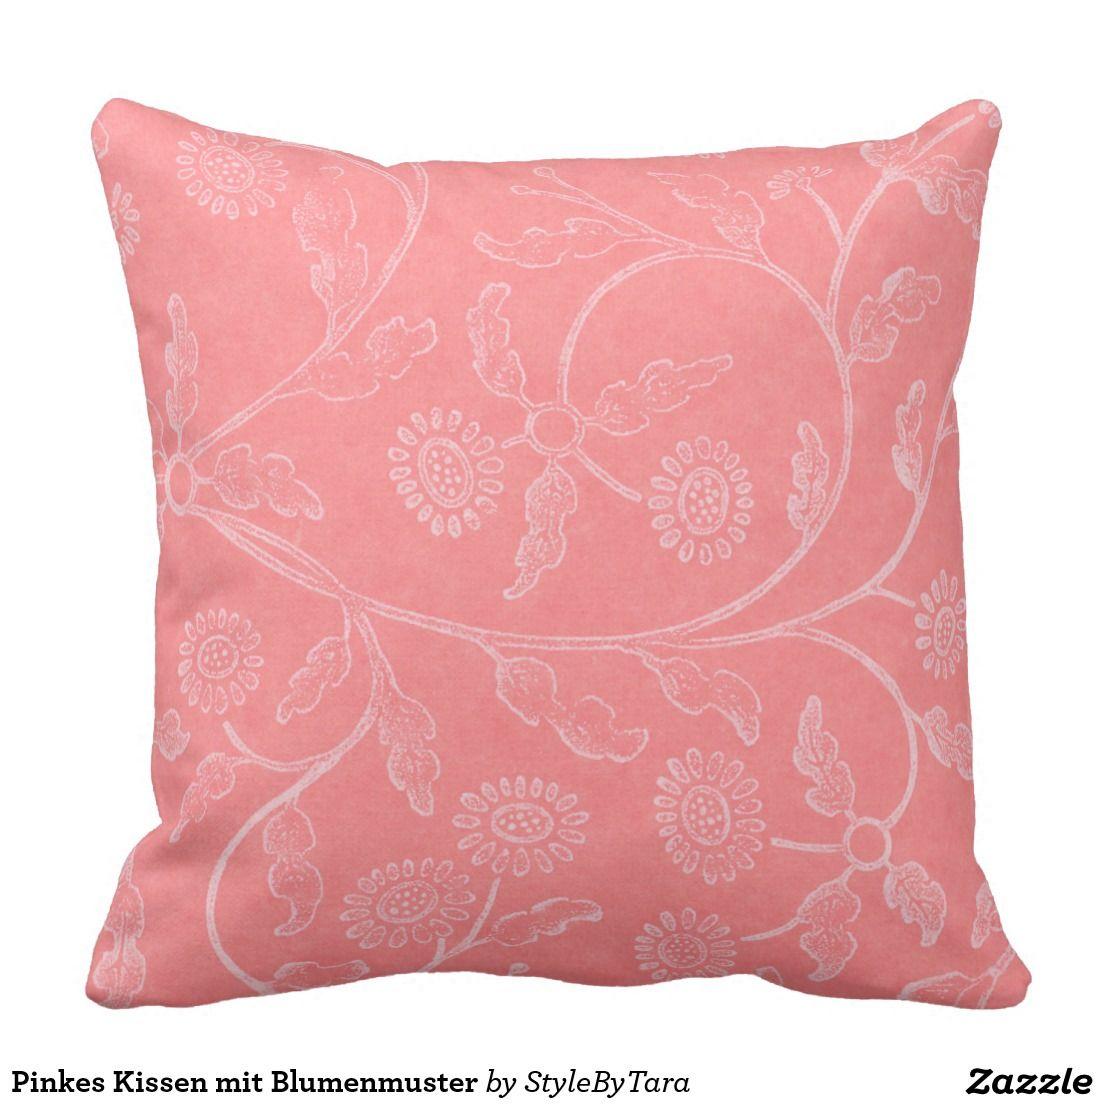 Pinkes Kissen Mit Blumenmuster Kissen Design Pink Kissen